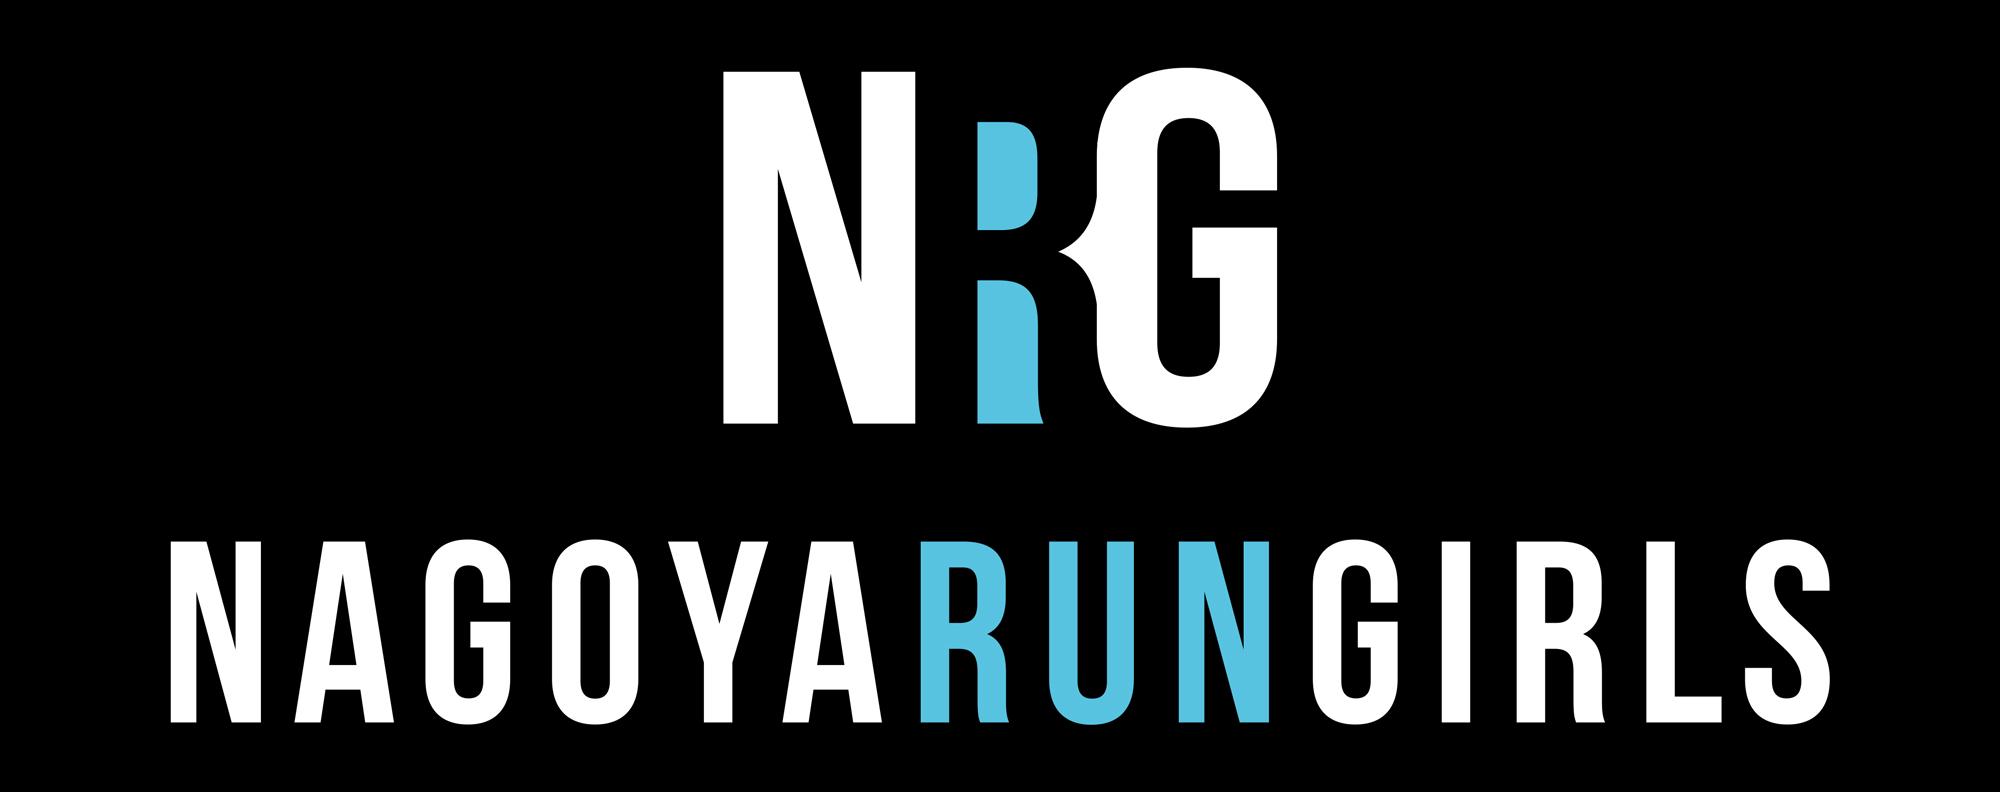 nrg_logo06.jpg